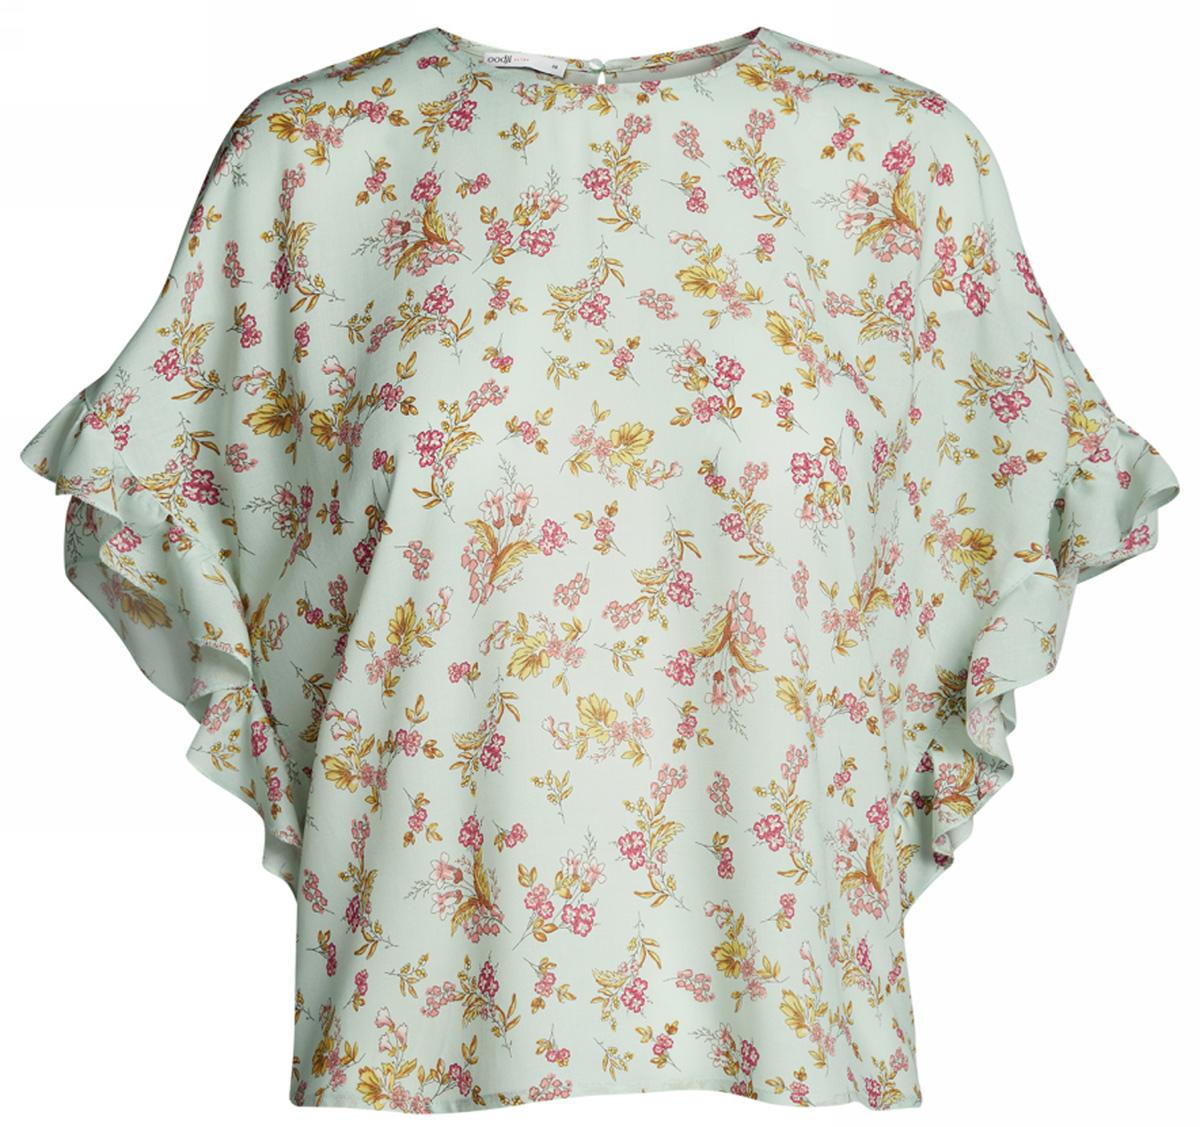 Блузка11405138/46436/6543FБлузка женская oodji Ultra выполнена из высококачественного материала. Модель с круглым вырезом горловины сзади застегивается на пуговицу. Блузка свободного силуэта оформлена воланами.